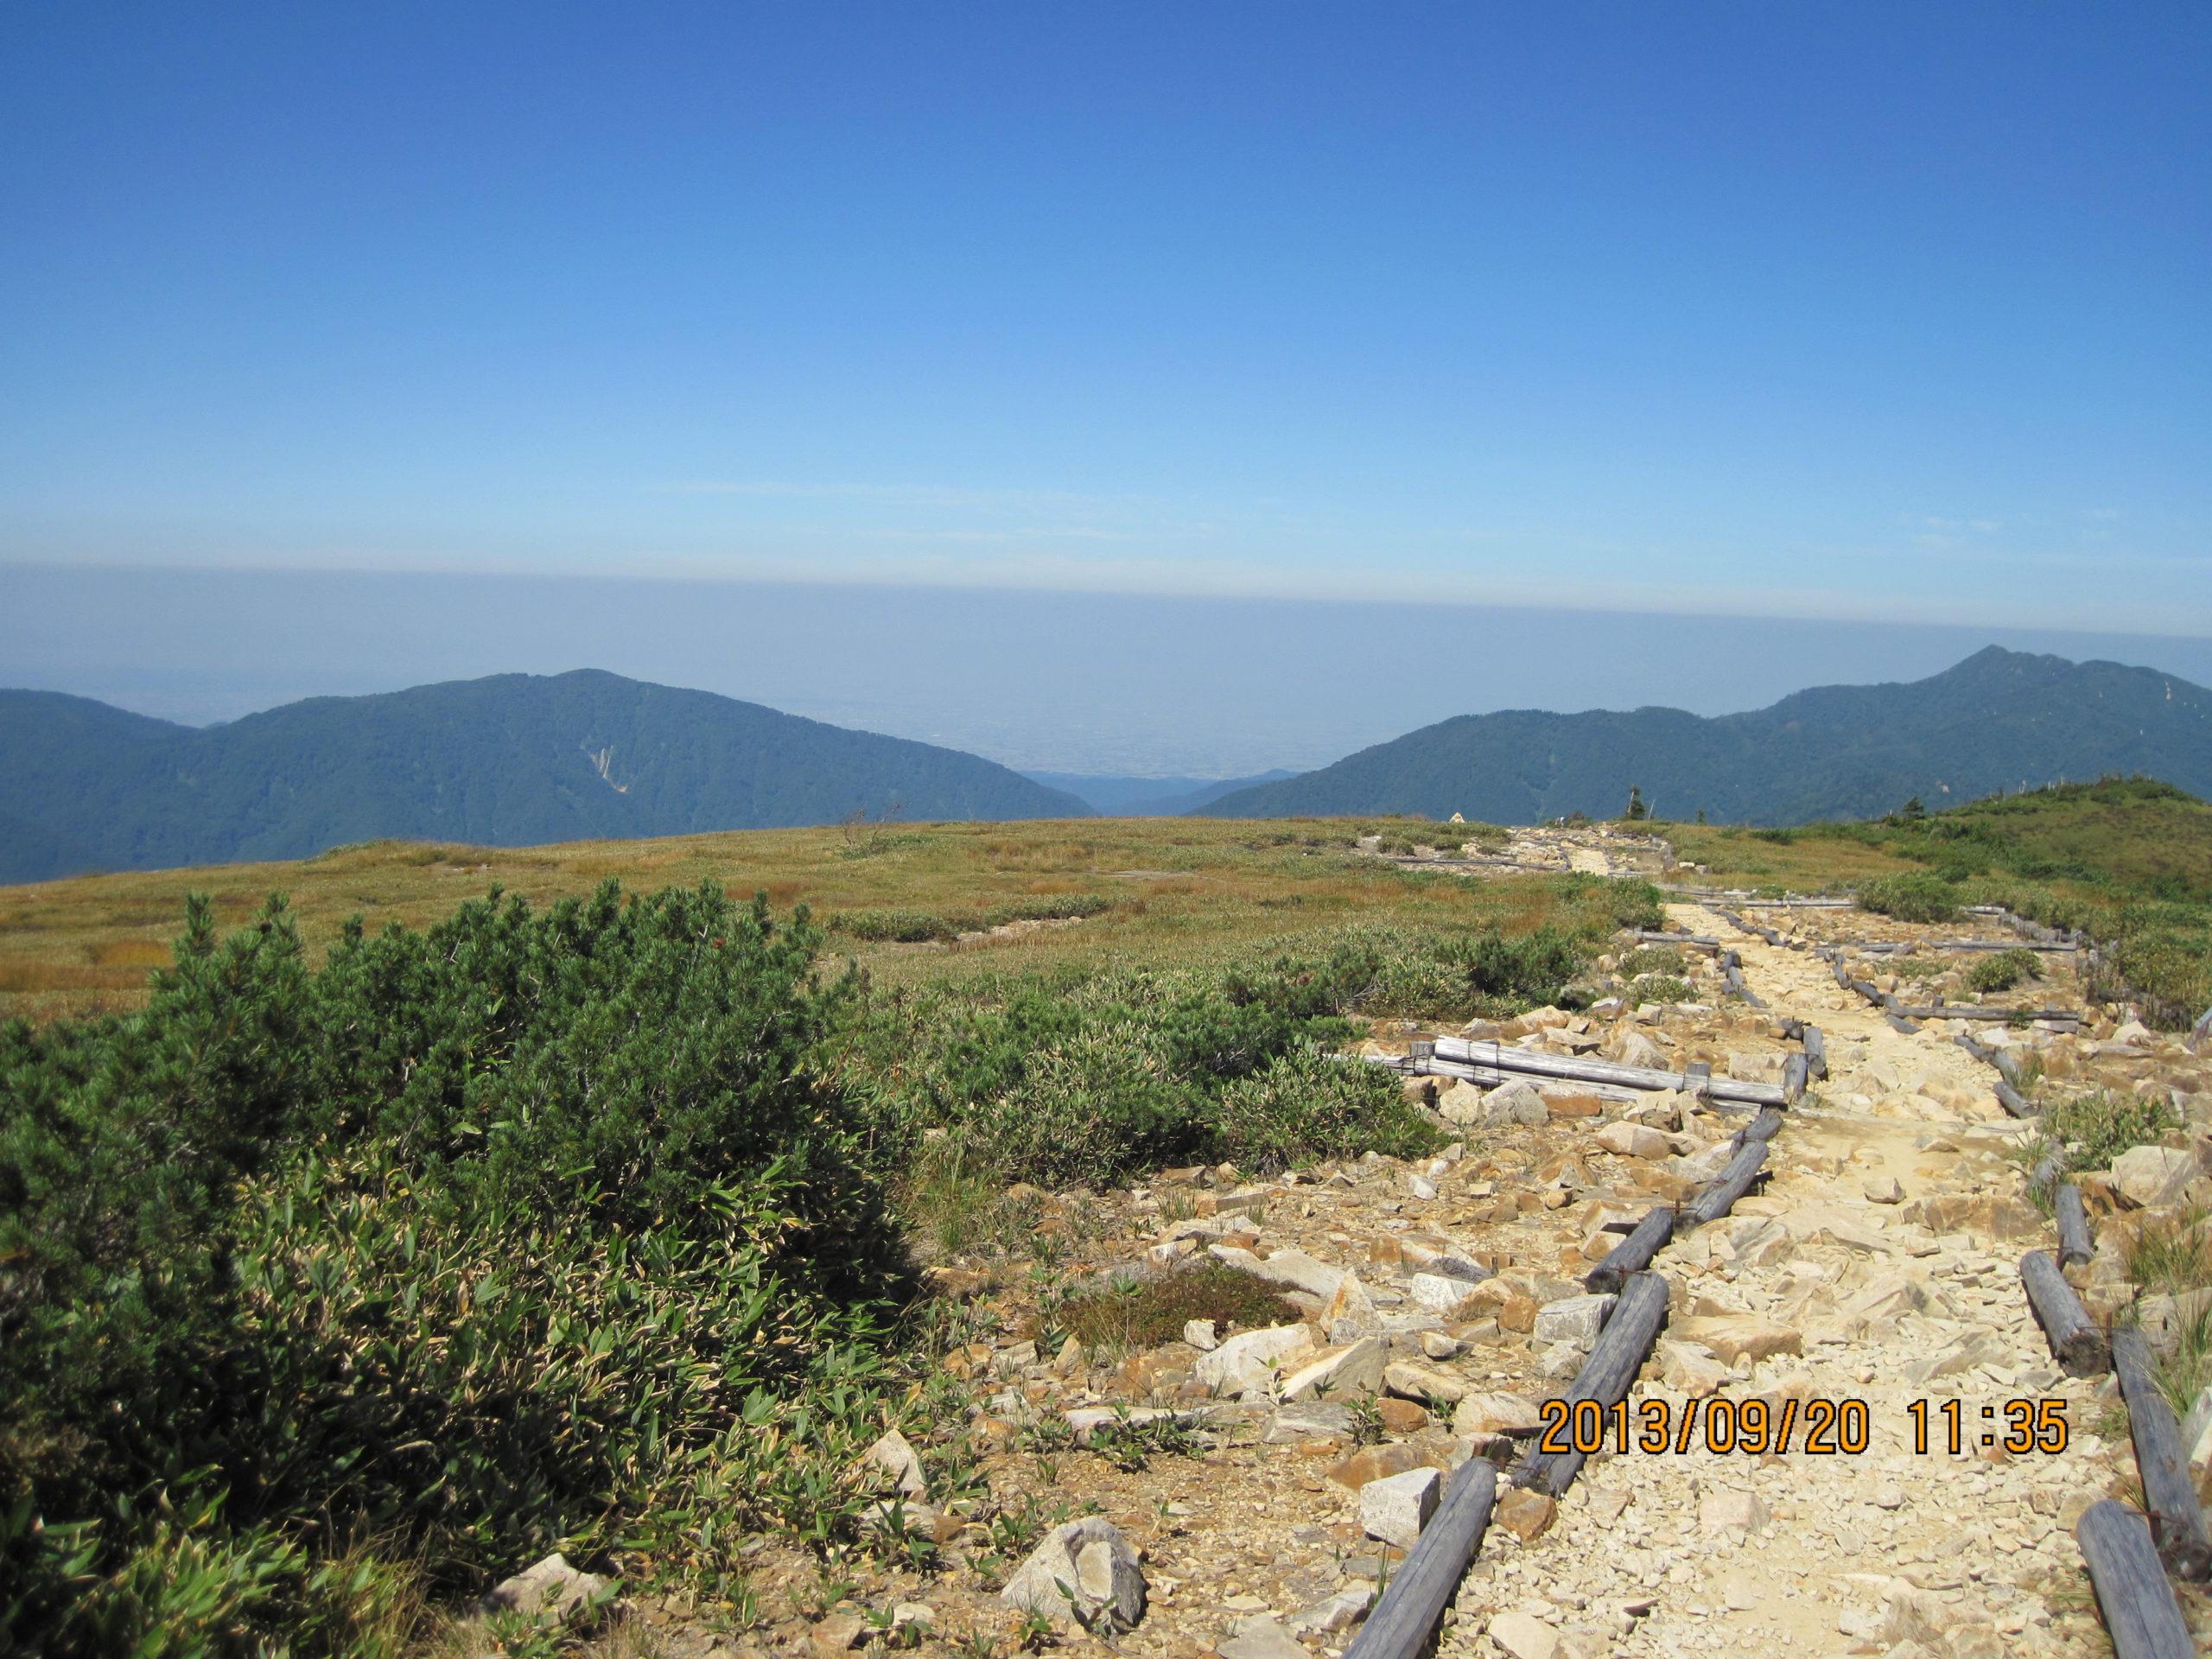 薬師岳で見た大気境界層2